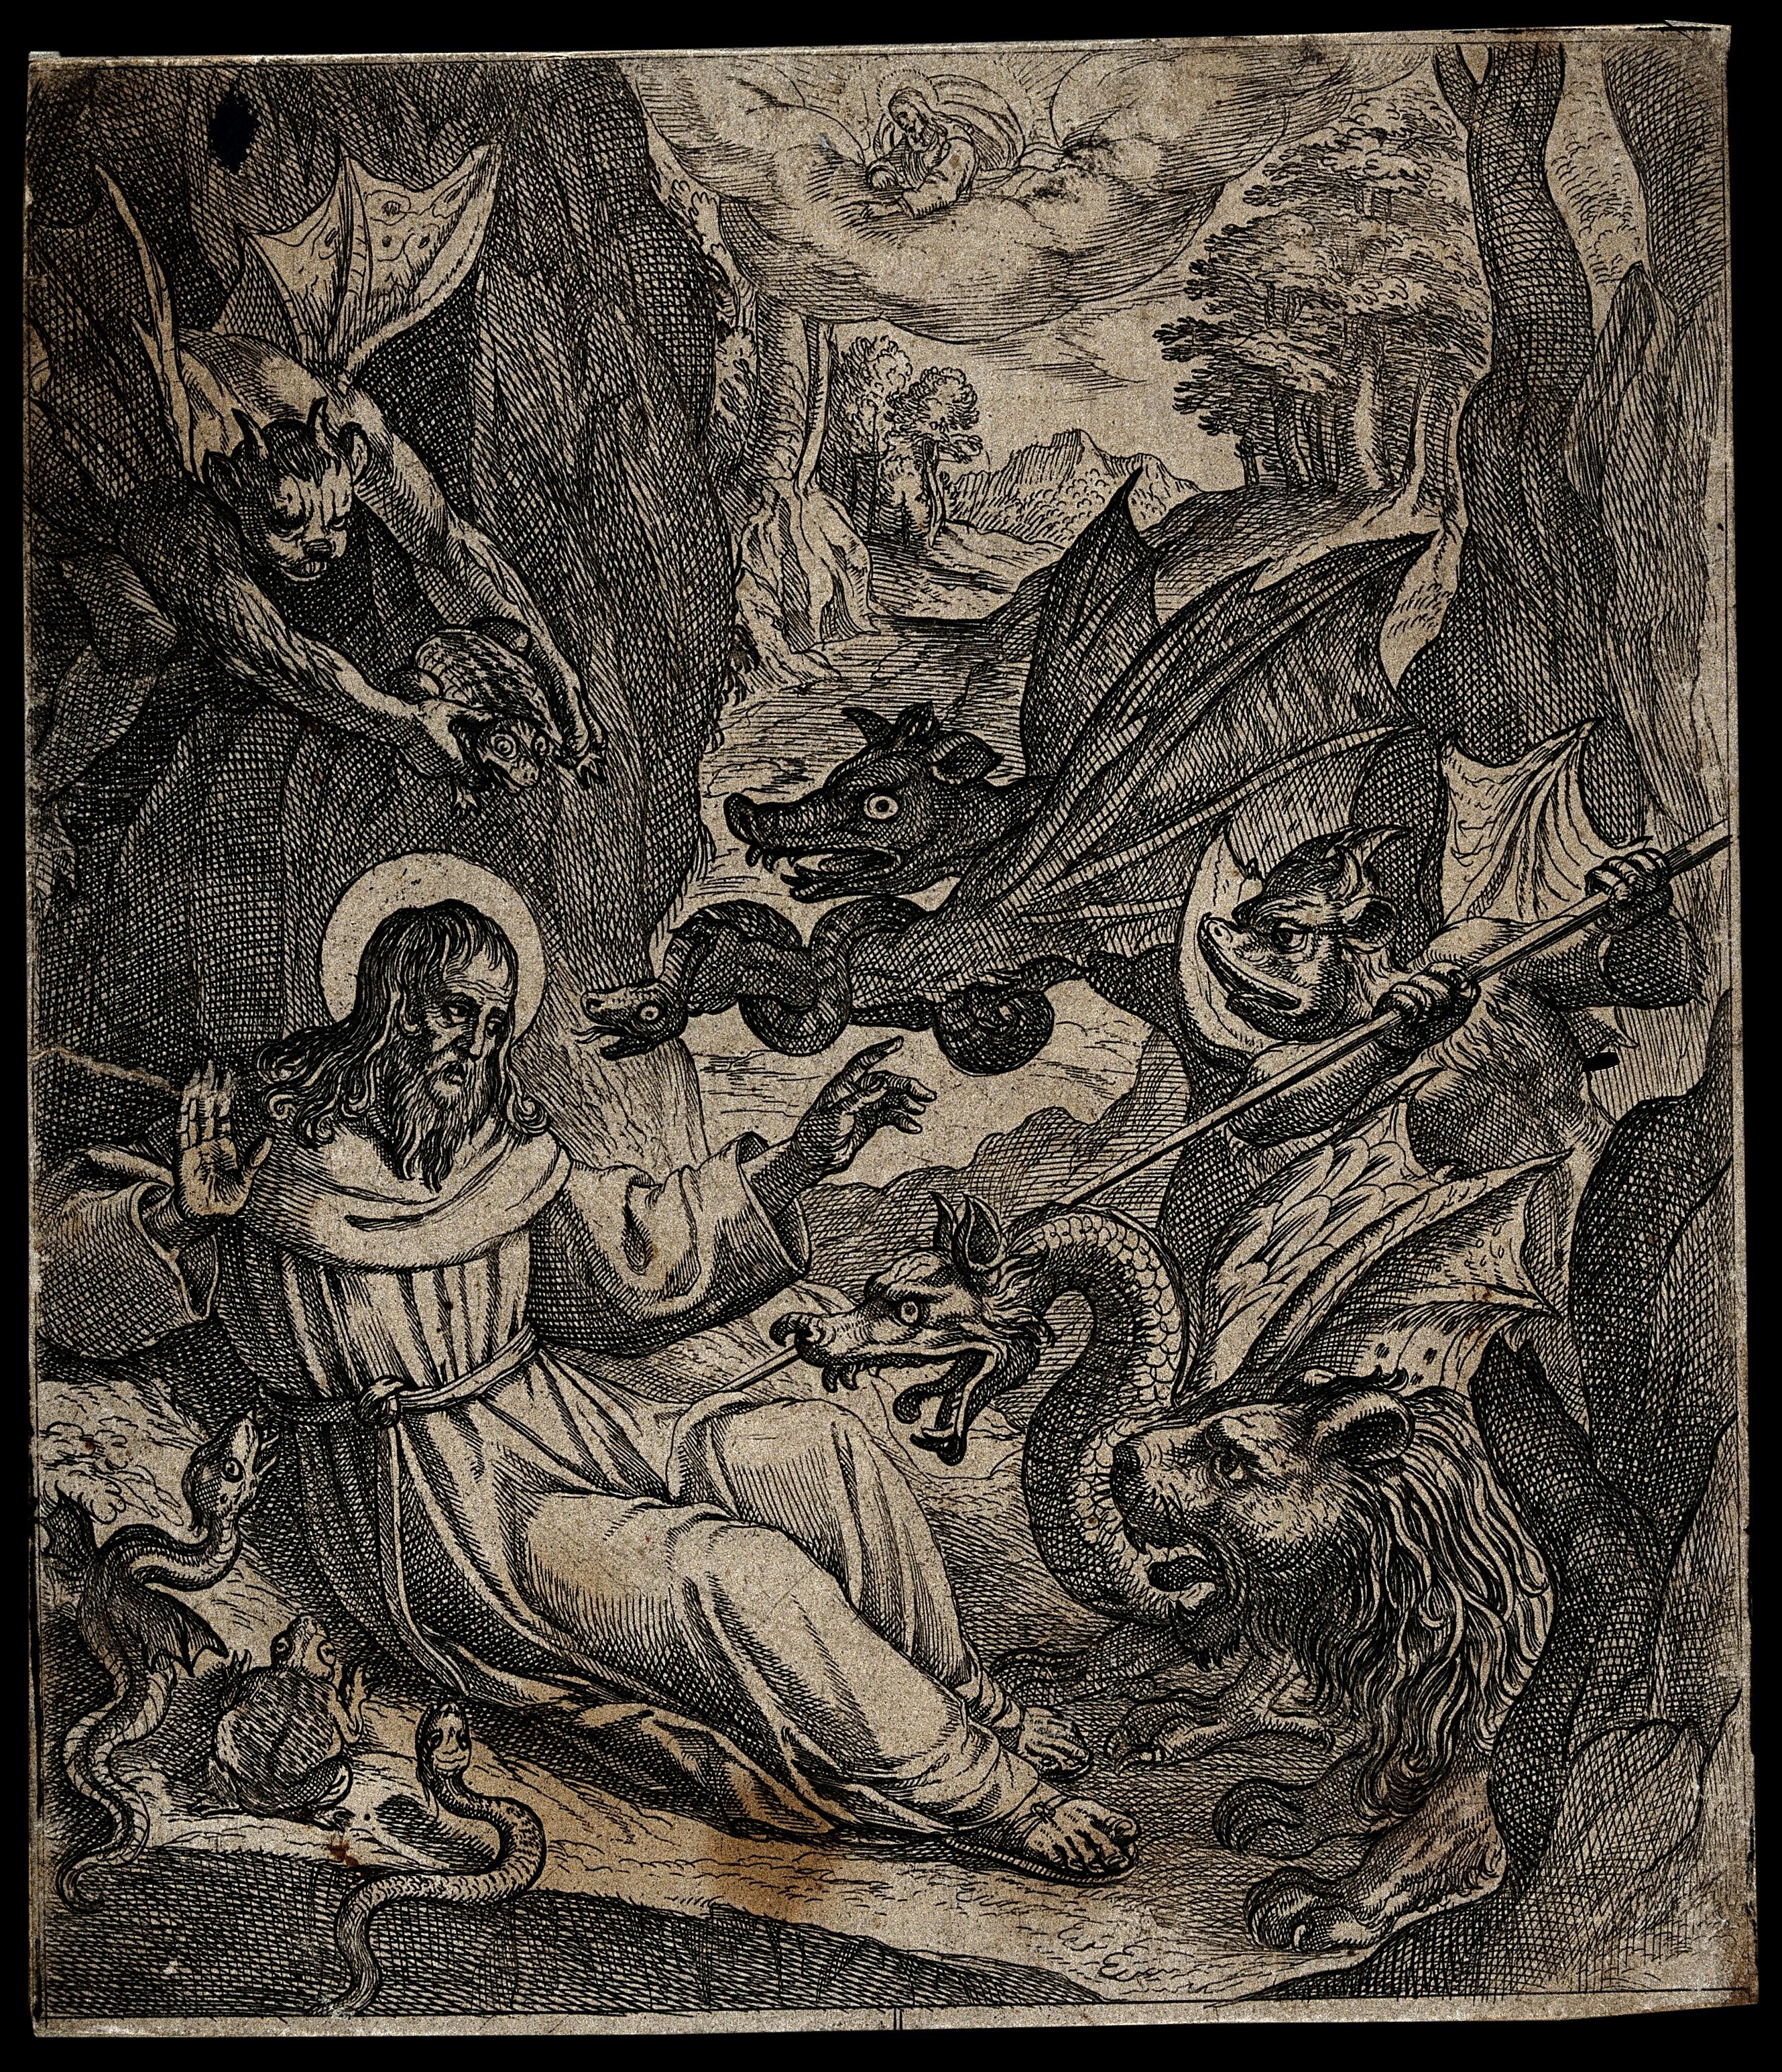 V0031595 Temptation of Saint Antony. Engraving.